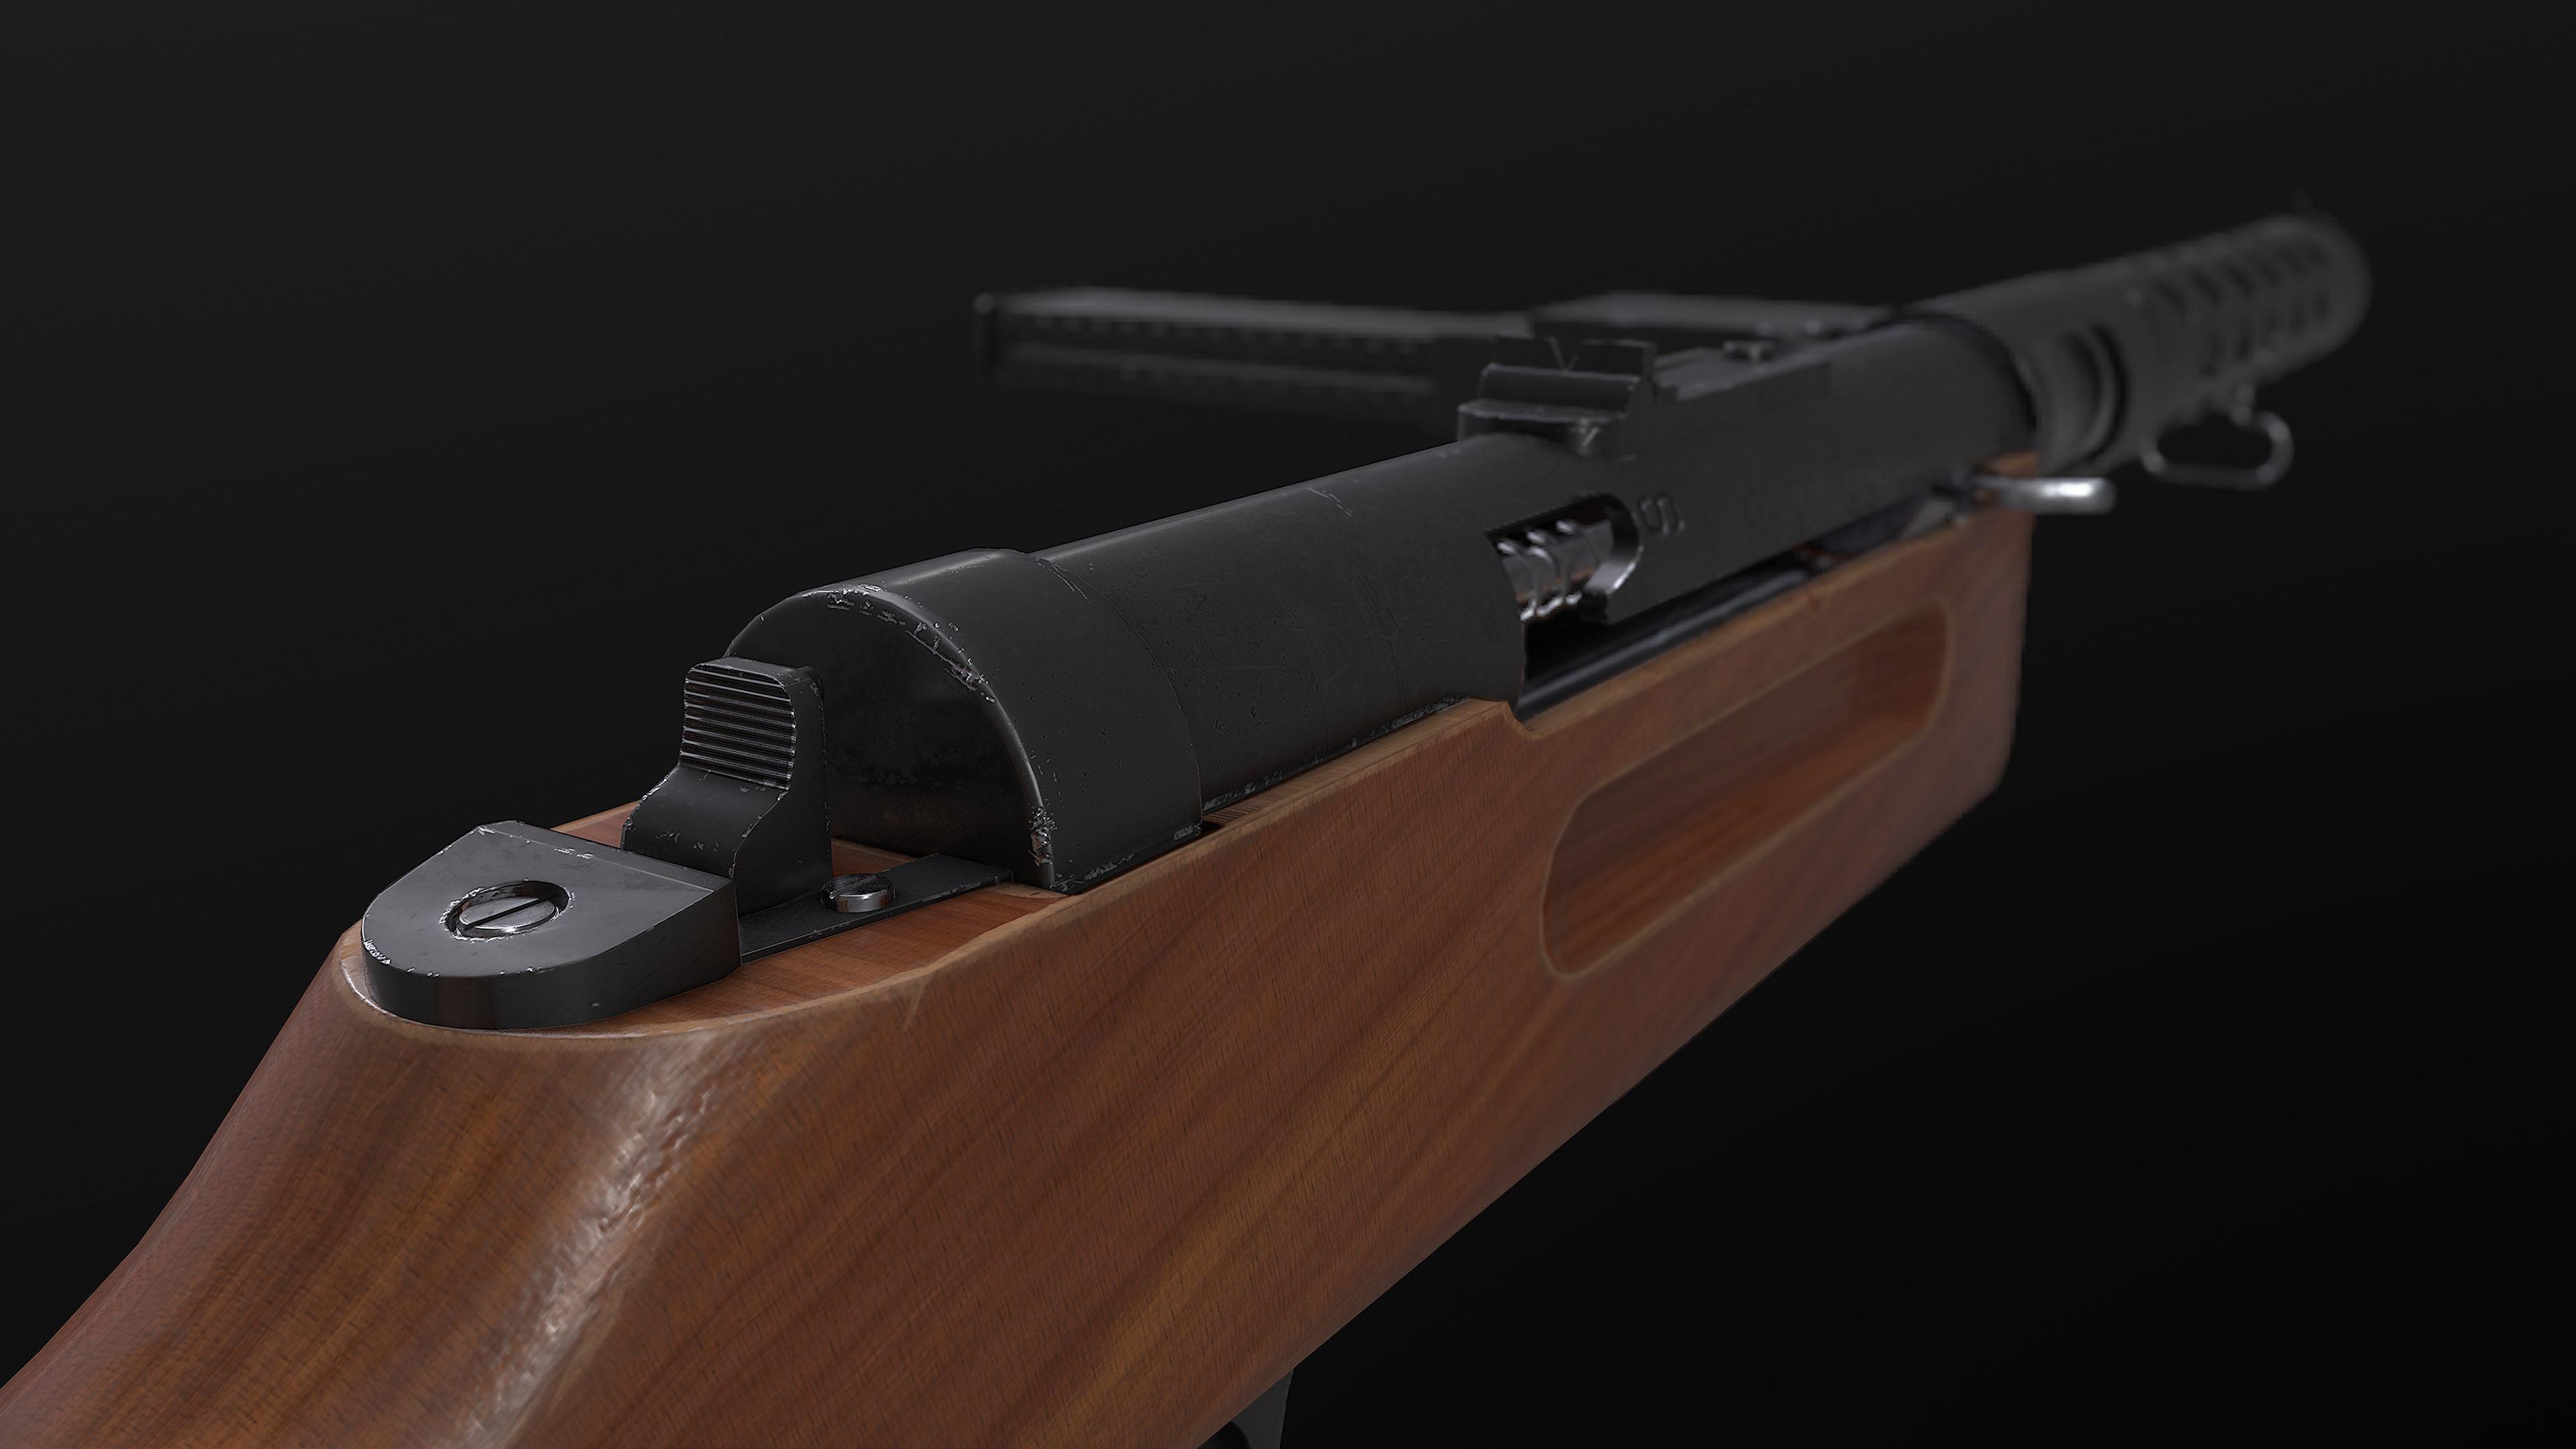 MP18 Submachine Gun